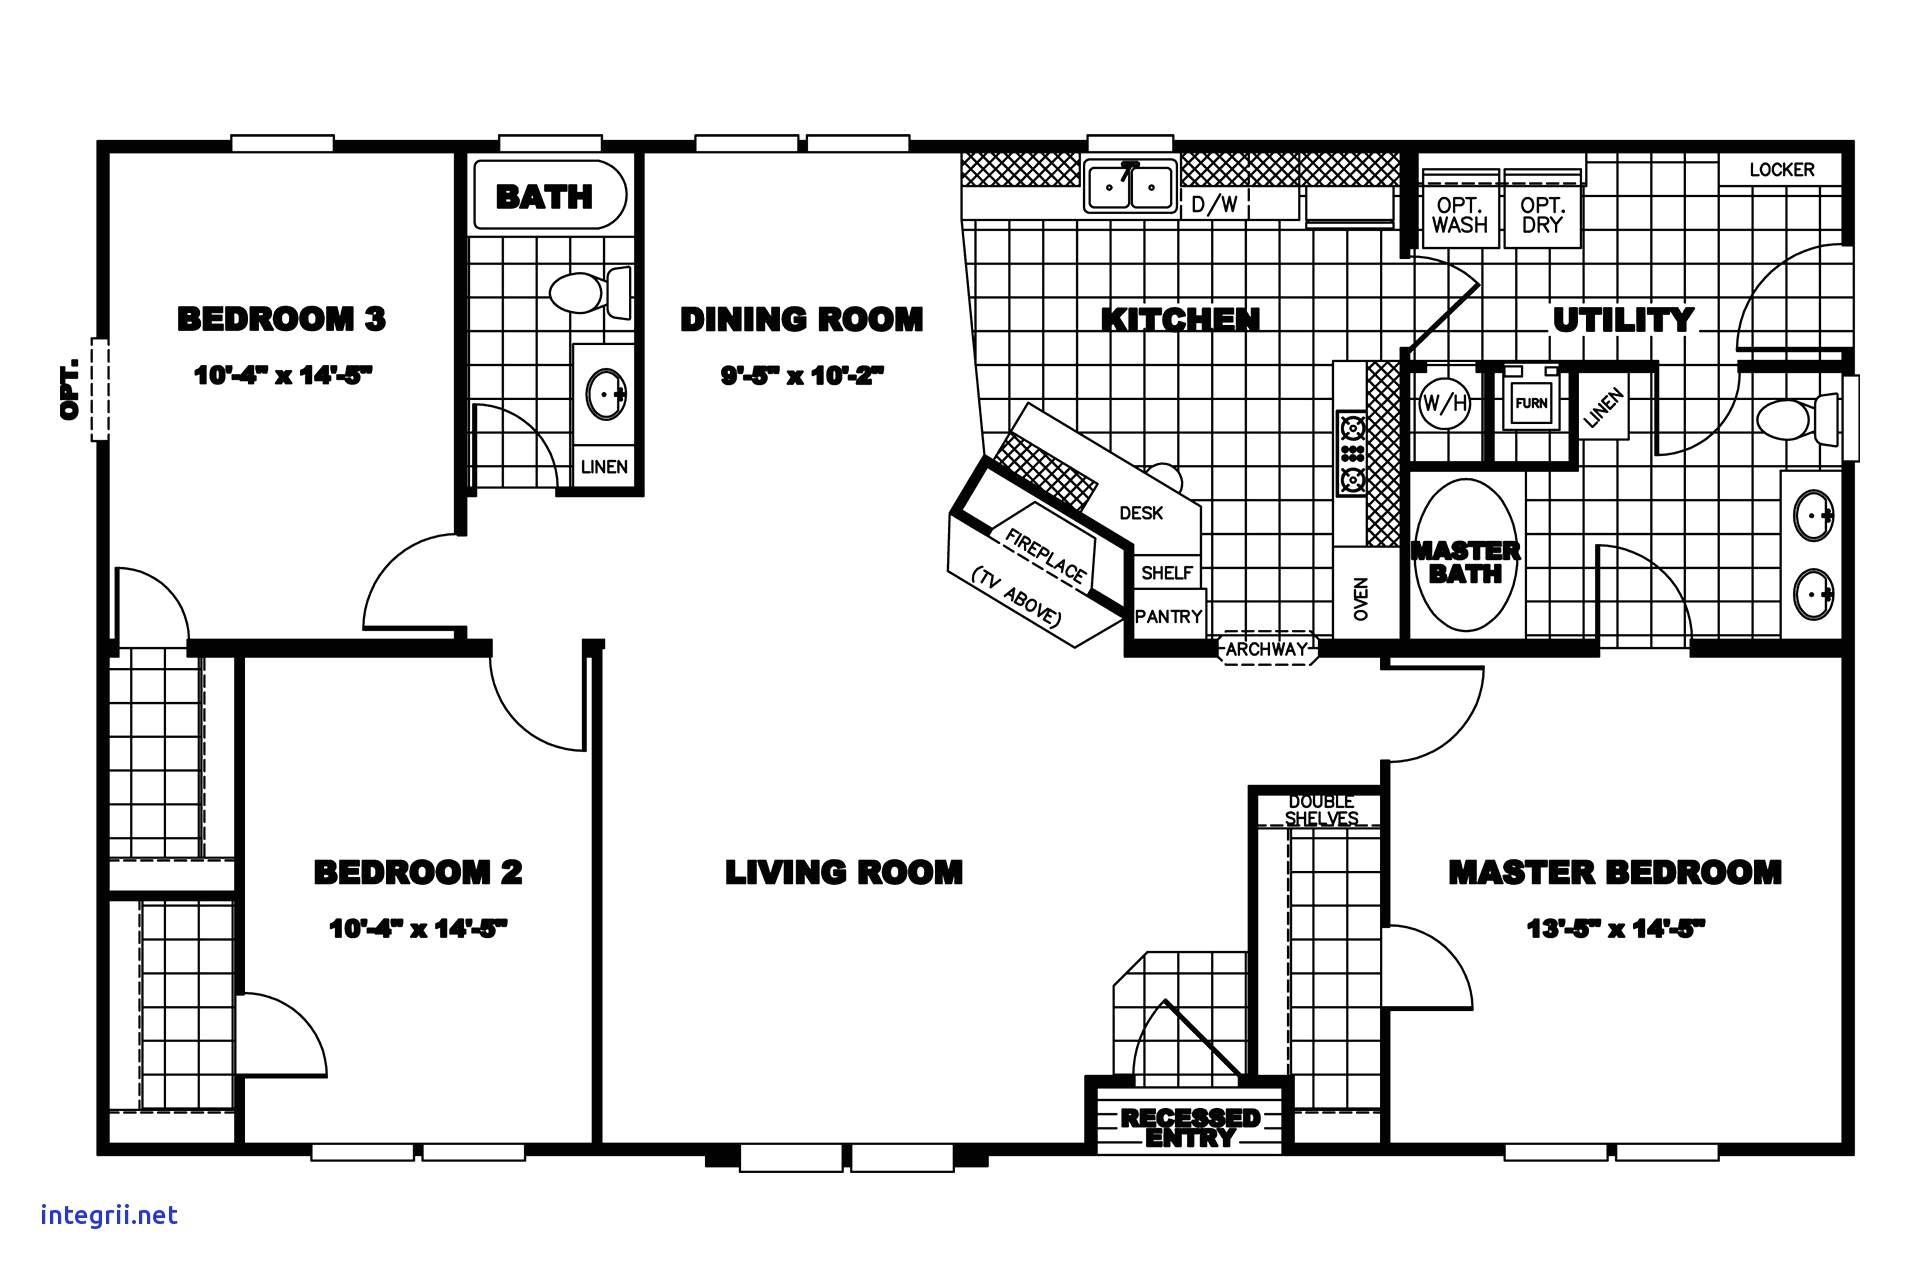 24 x 36 home plans best of 5 bedroom mobile home floor plans floor plan best index wiki 0 0d